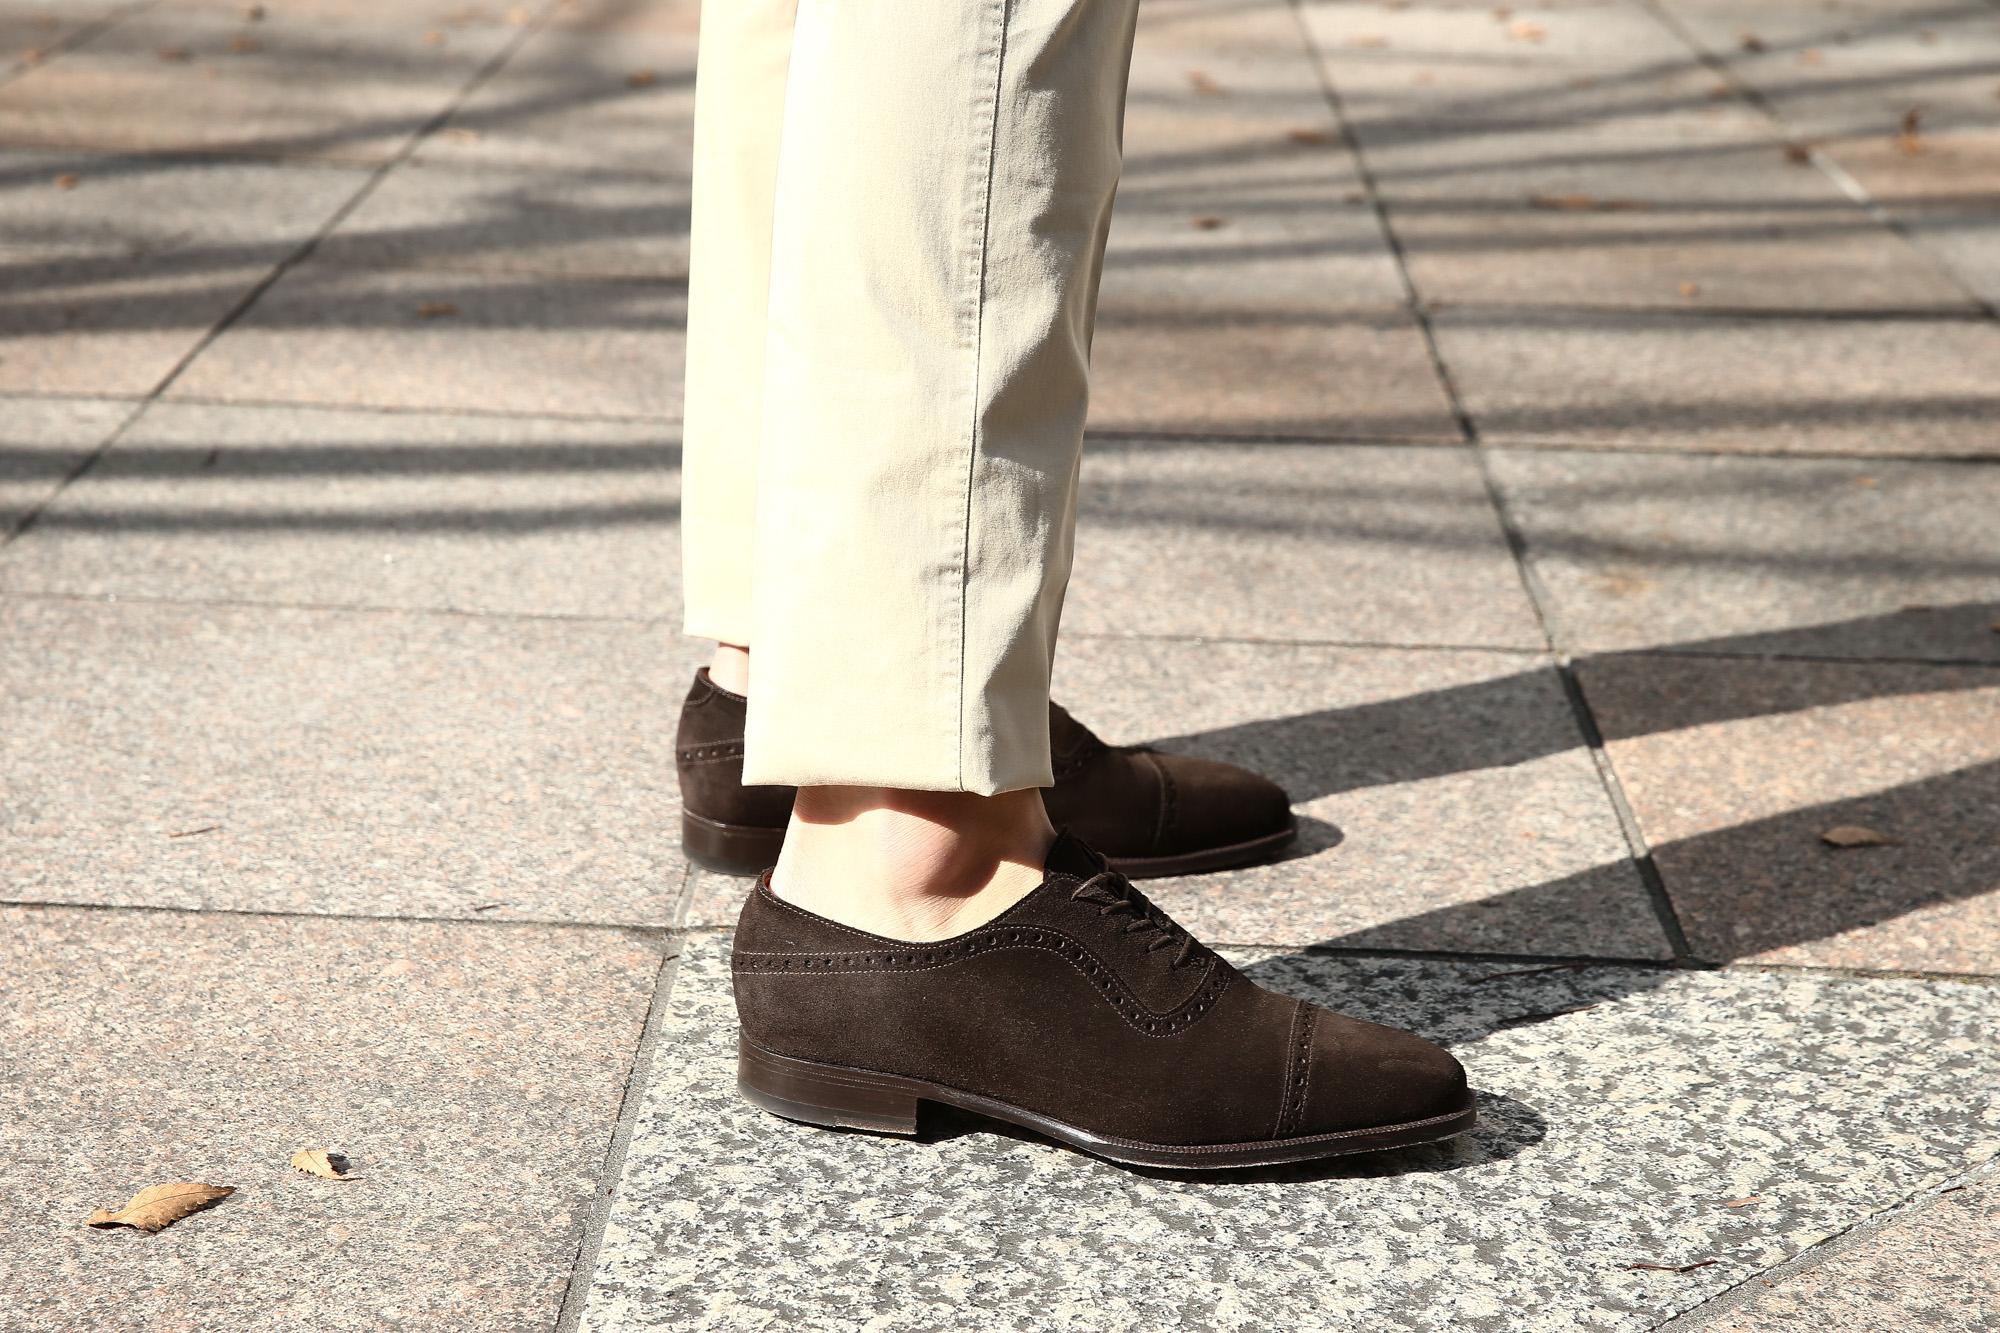 PT01 (ピーティーゼロウーノ) BUSINESS (ビジネス) SUPER SLIM FIT (スーパースリムフィット) Lux Cloth ストレッチ コットン スラックス パンツ BEIGE (ベージュ・0040)  2018 春夏新作 pt01 チノ チノパン チノスラックス 愛知 名古屋 ZODIAC ゾディアック